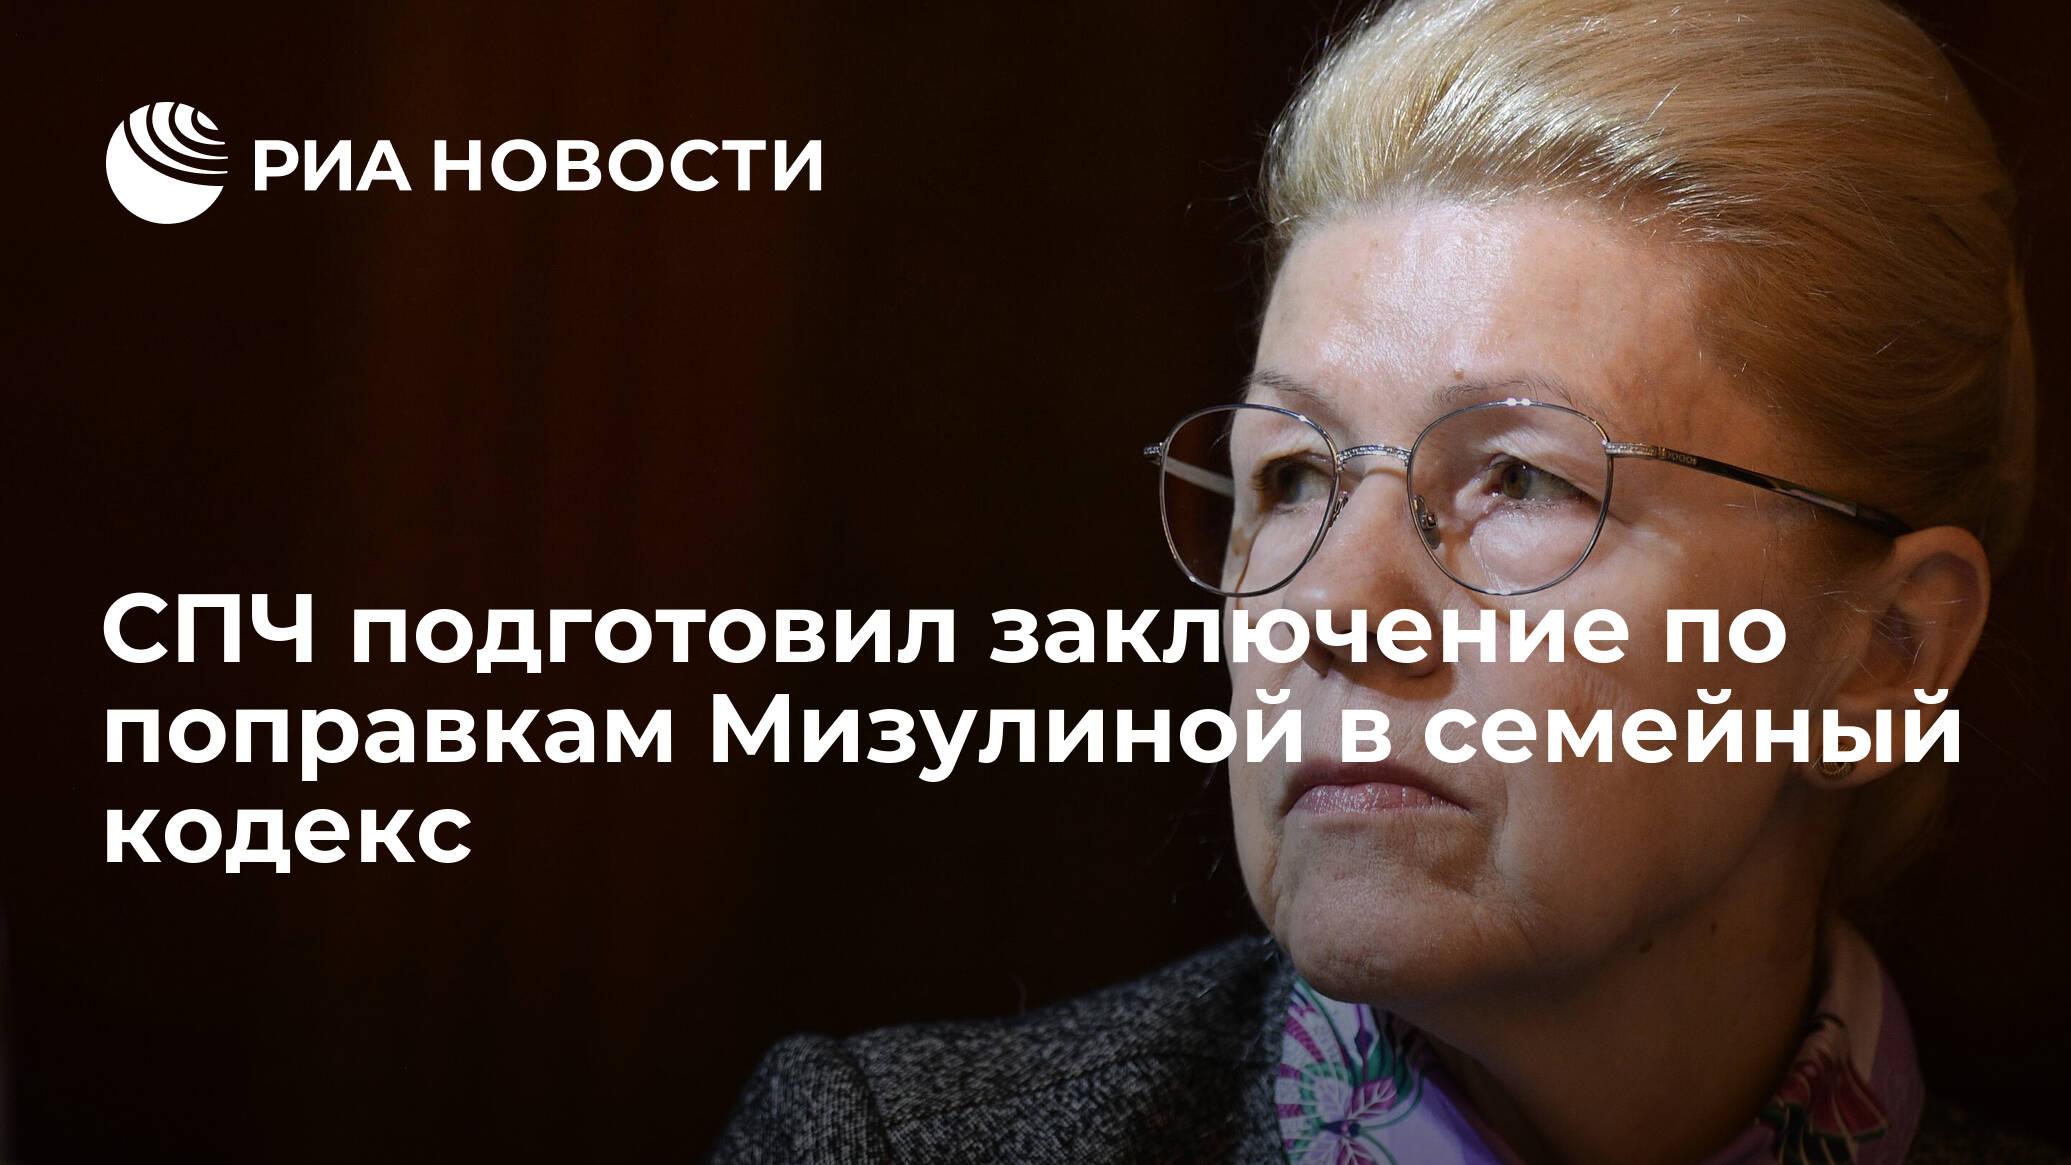 СПЧ подготовил заключение по поправкам Мизулиной в семейный кодекс